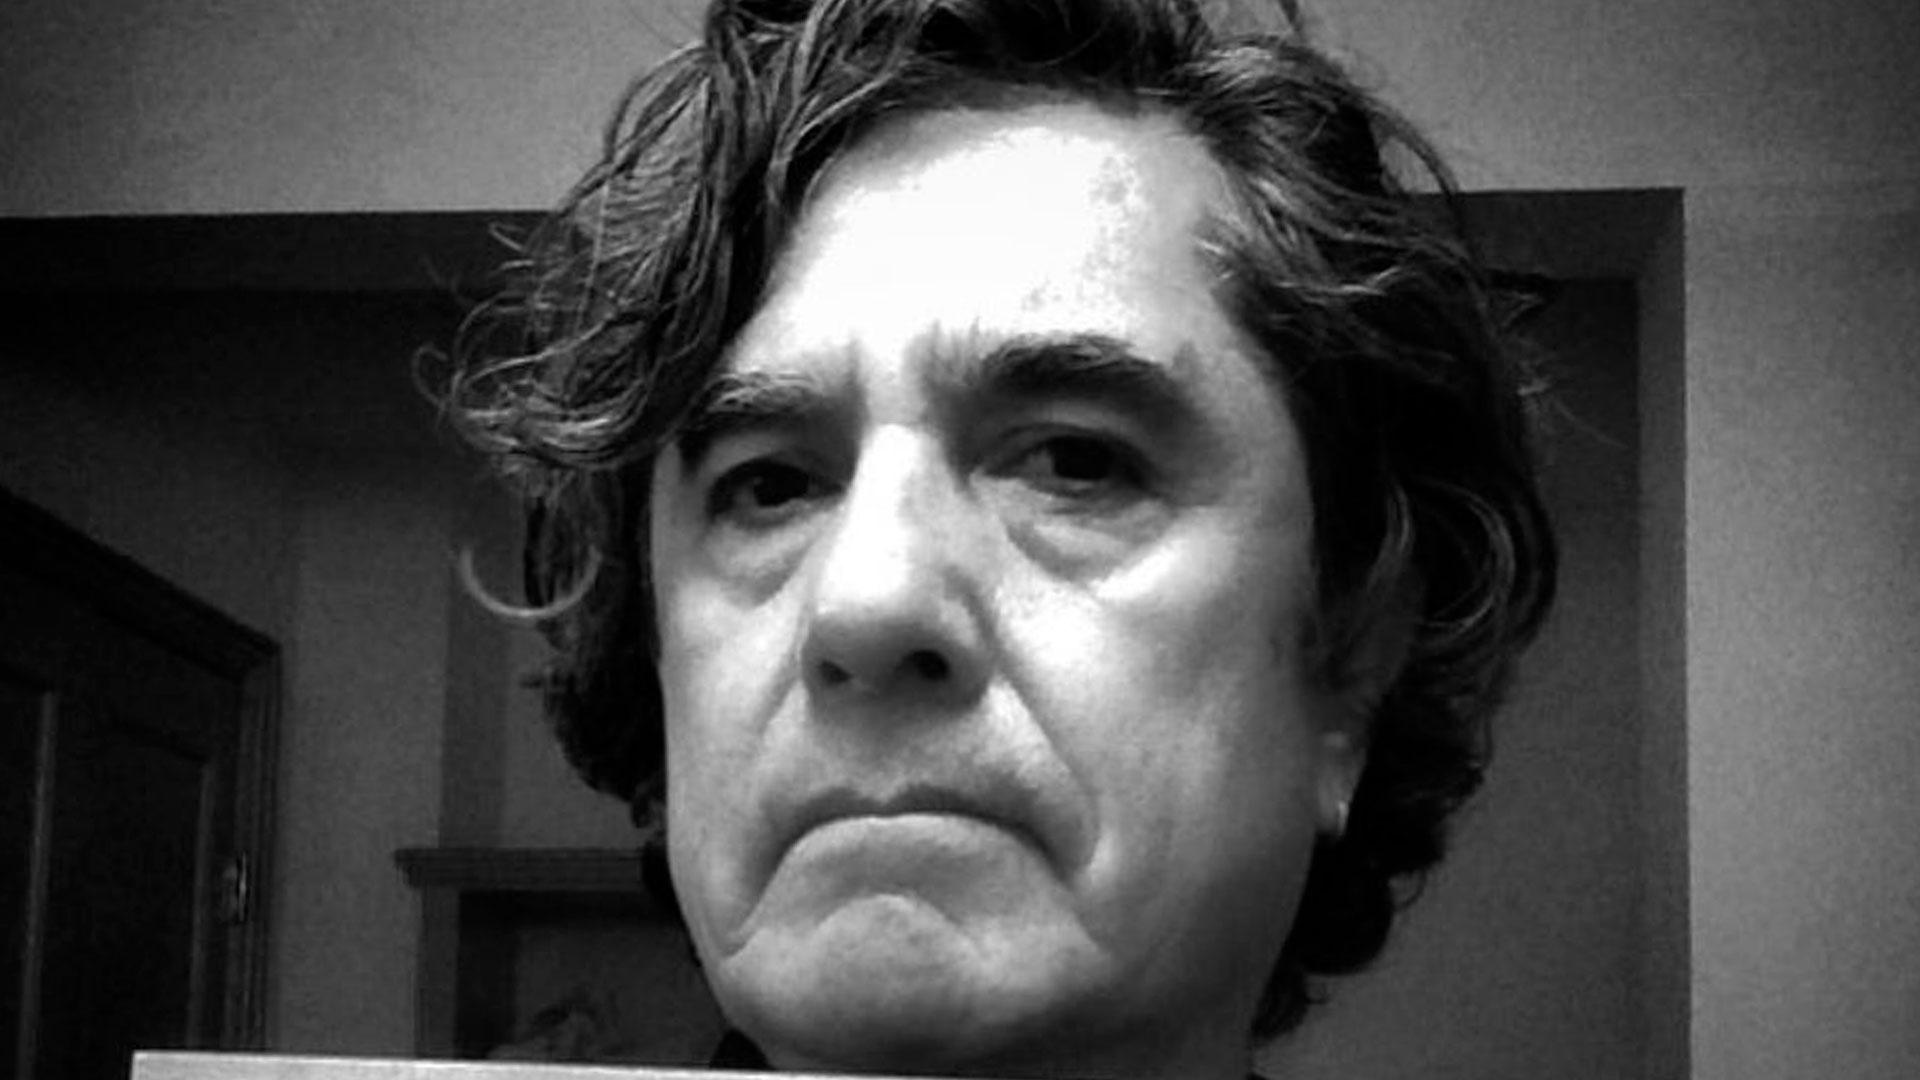 Según un colega, al músico mexicano le preocupaba perder su credibilidad y sus trabajos (Foto: Instagram /armando_vega_gil)